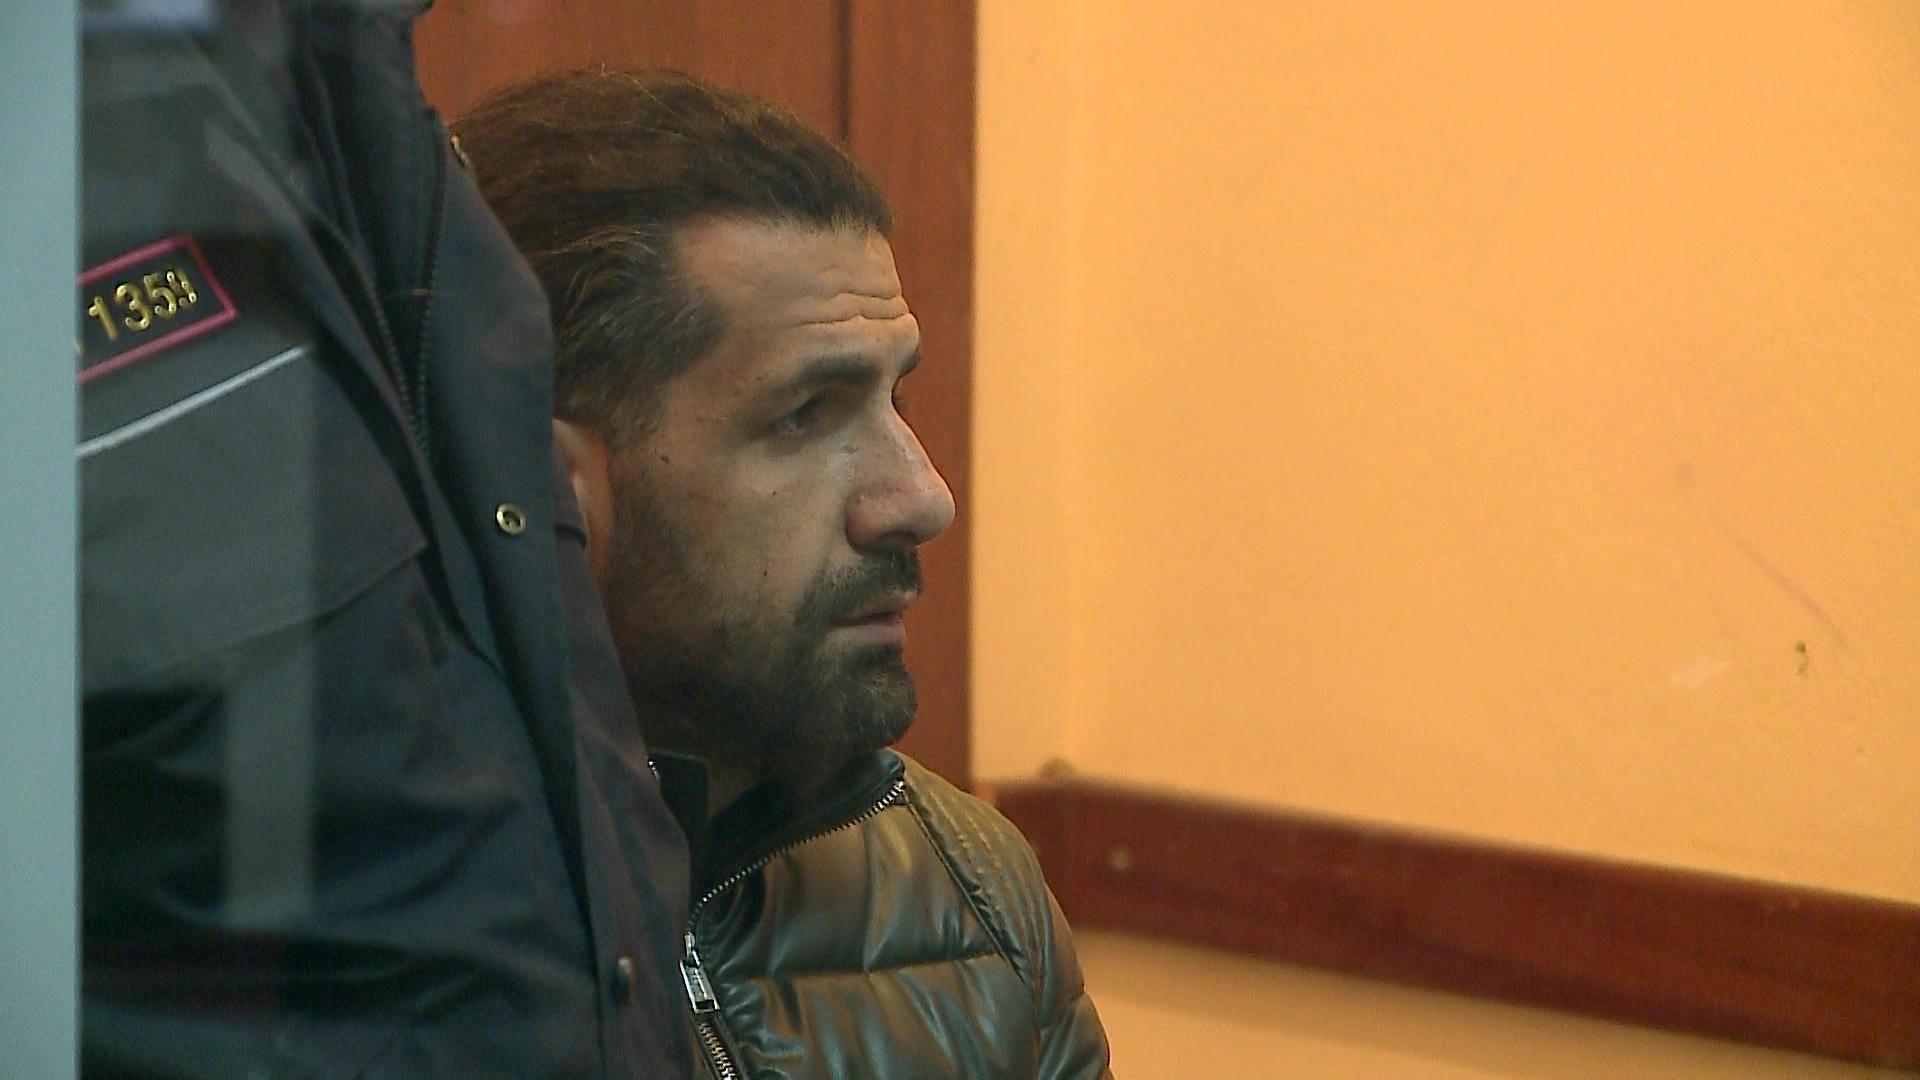 Vrasja e Kasmit/Greku kërkon të lirohet